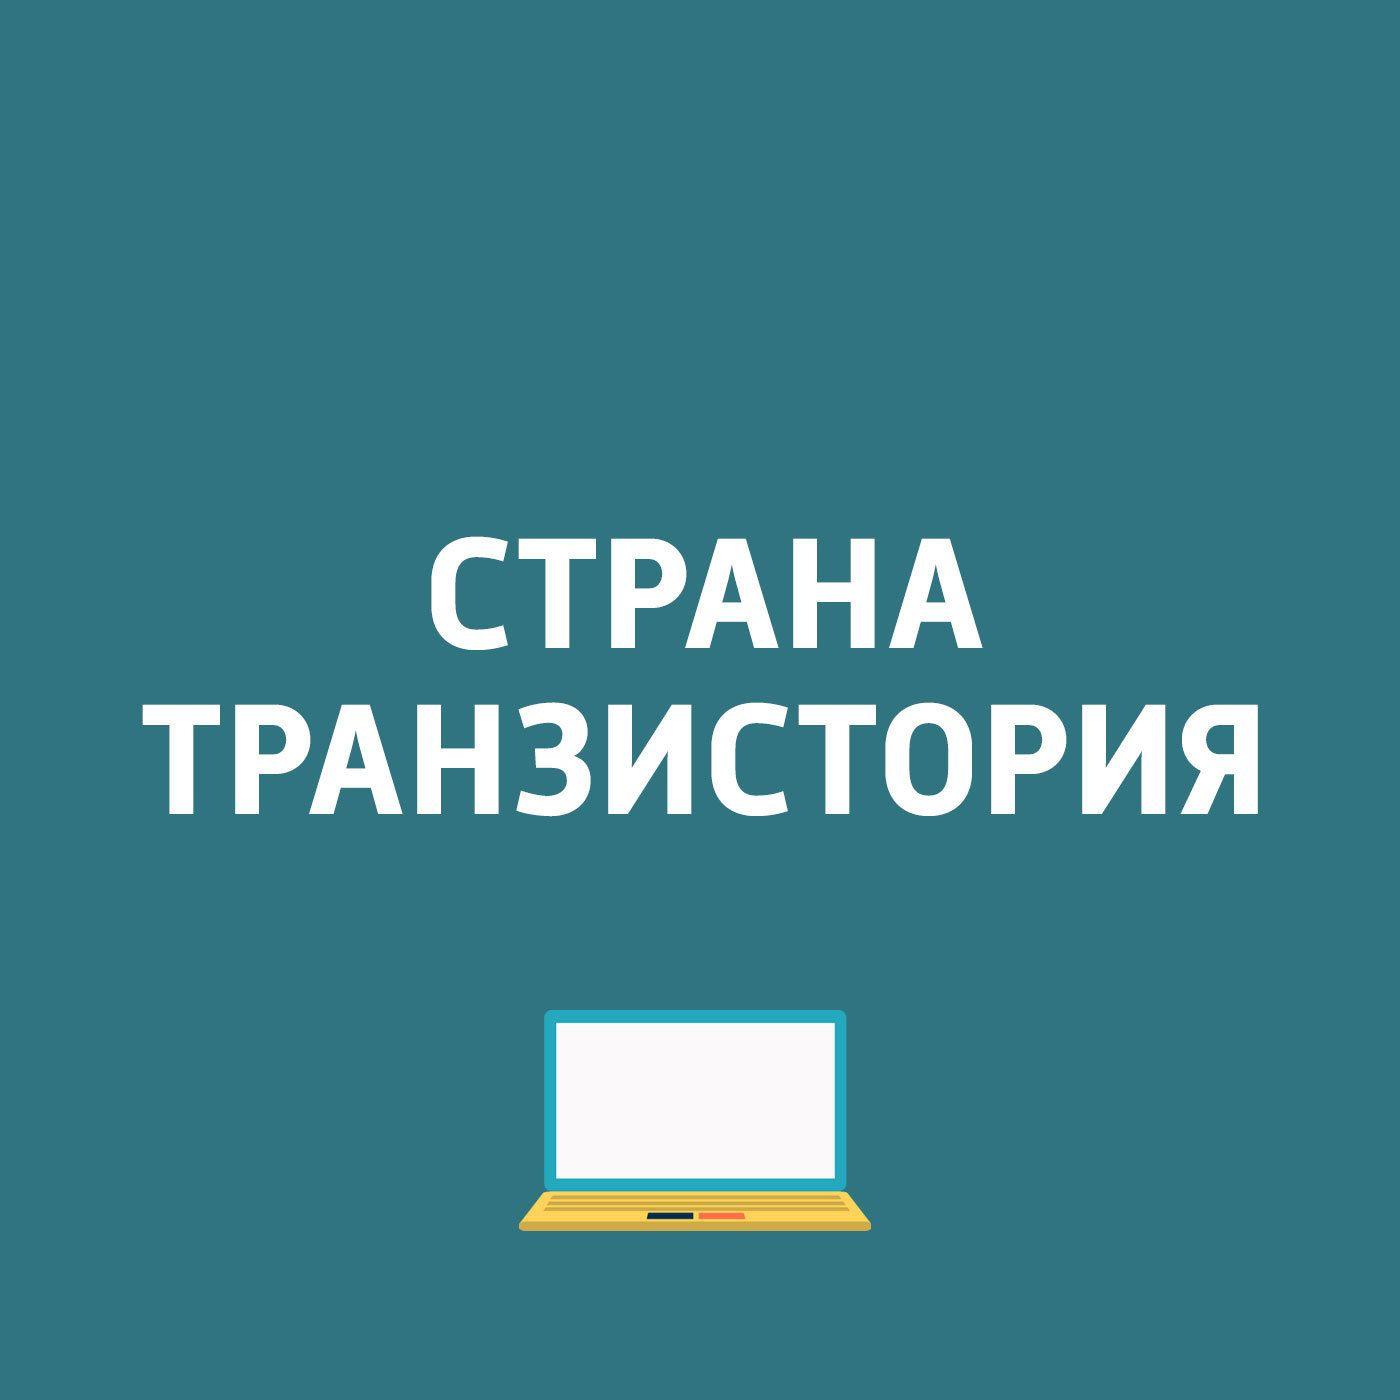 Картаев Павел CD Projekt анонсировала игровой лаунчер GOG Galaxy 2.0 anna macek projekt chelsea